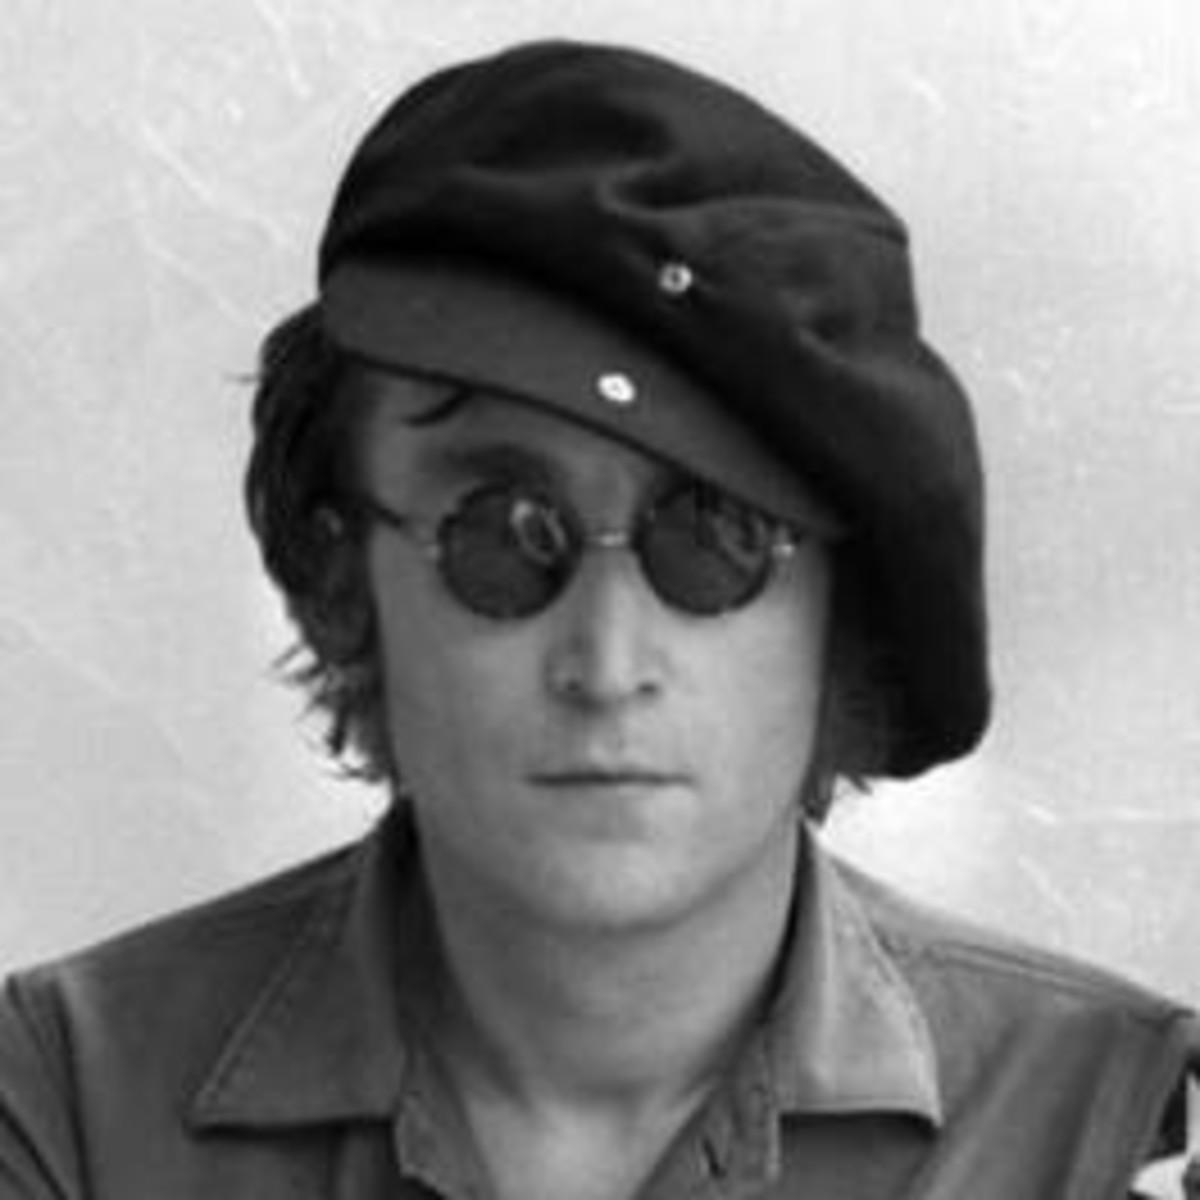 John Lennon Photo by Iain Macmillan. © Yoko Ono.